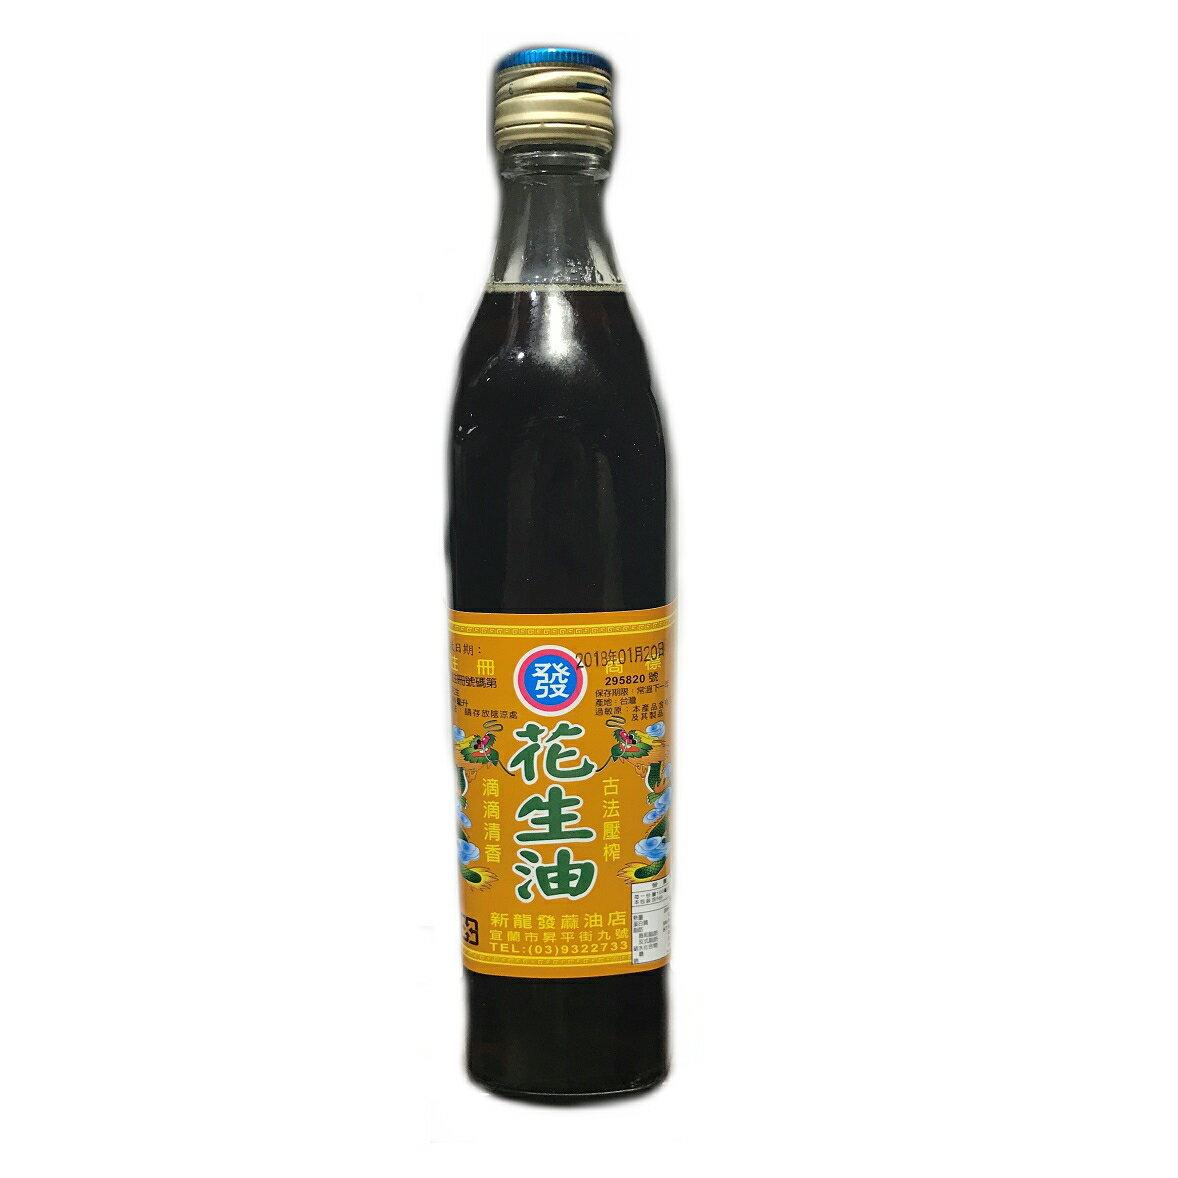 花生油 500毫升/瓶【新龍發麻油 】宜蘭在地五十年的老品牌